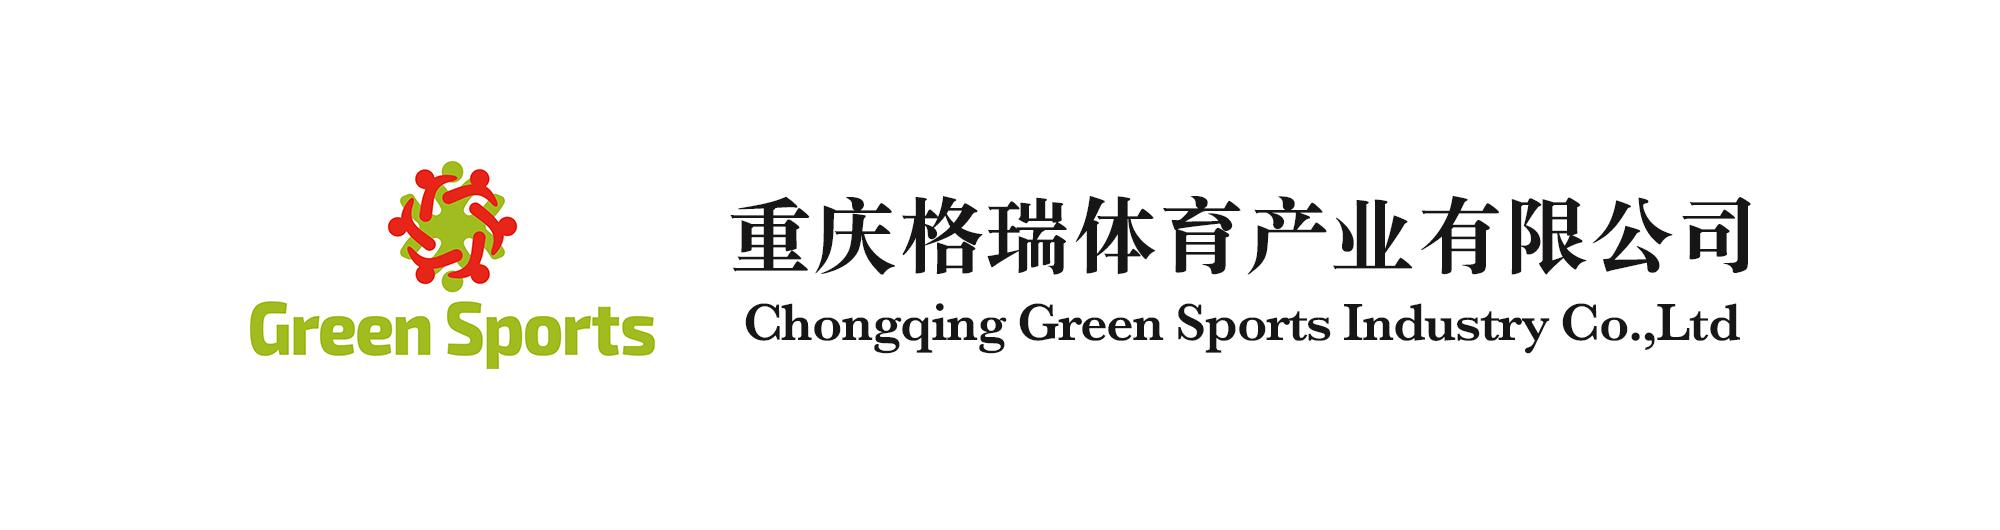 重庆格瑞体育产业有限公司